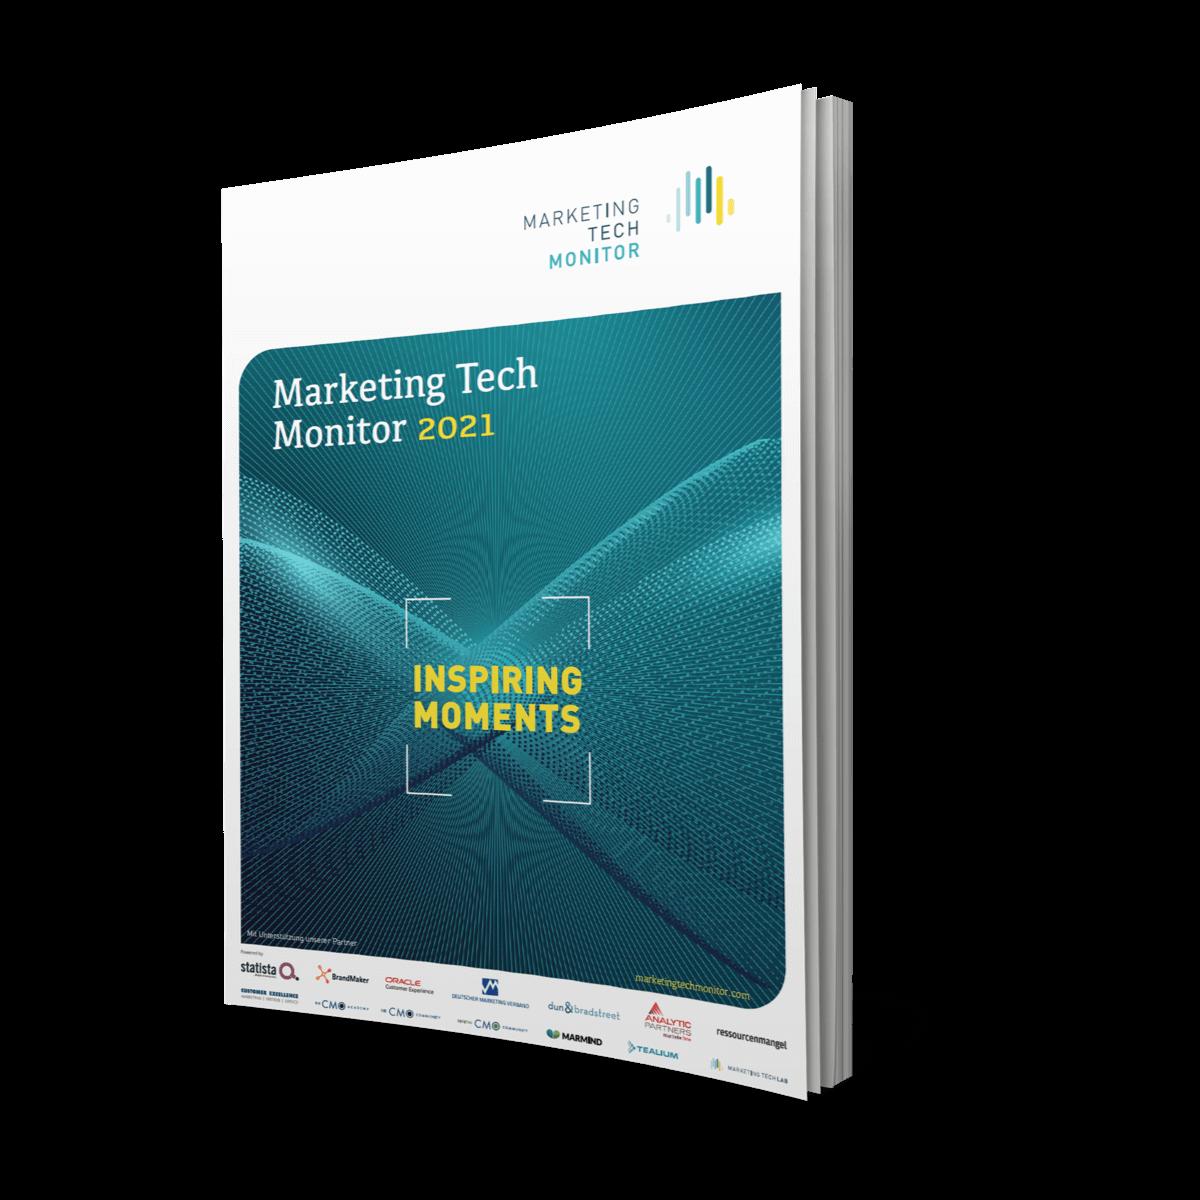 Marketing Tech Monitor 2021